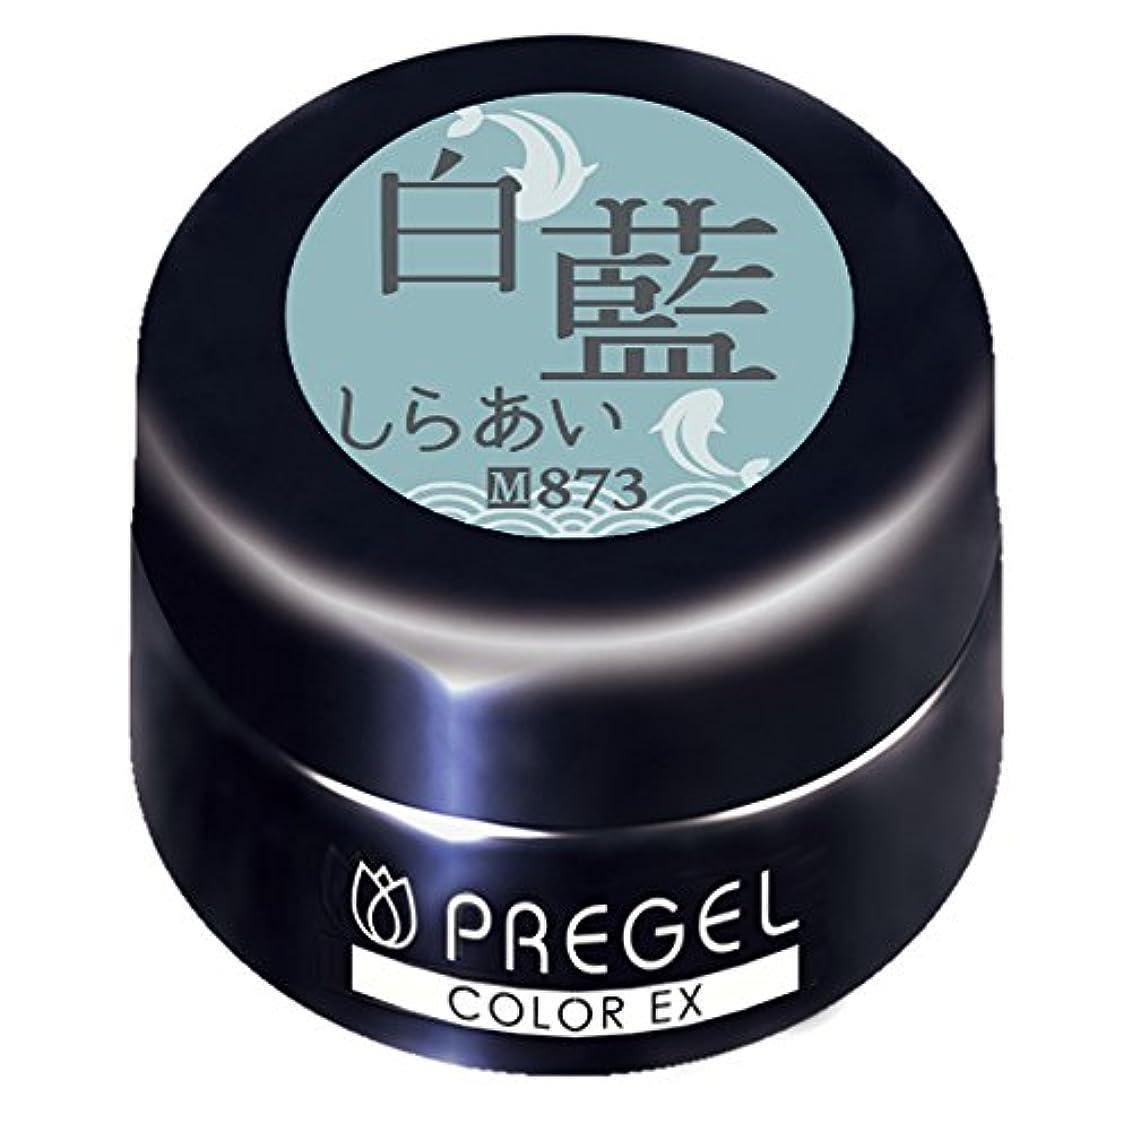 オーロック区エチケットPRE GEL カラーEX 白藍873 3g UV/LED対応